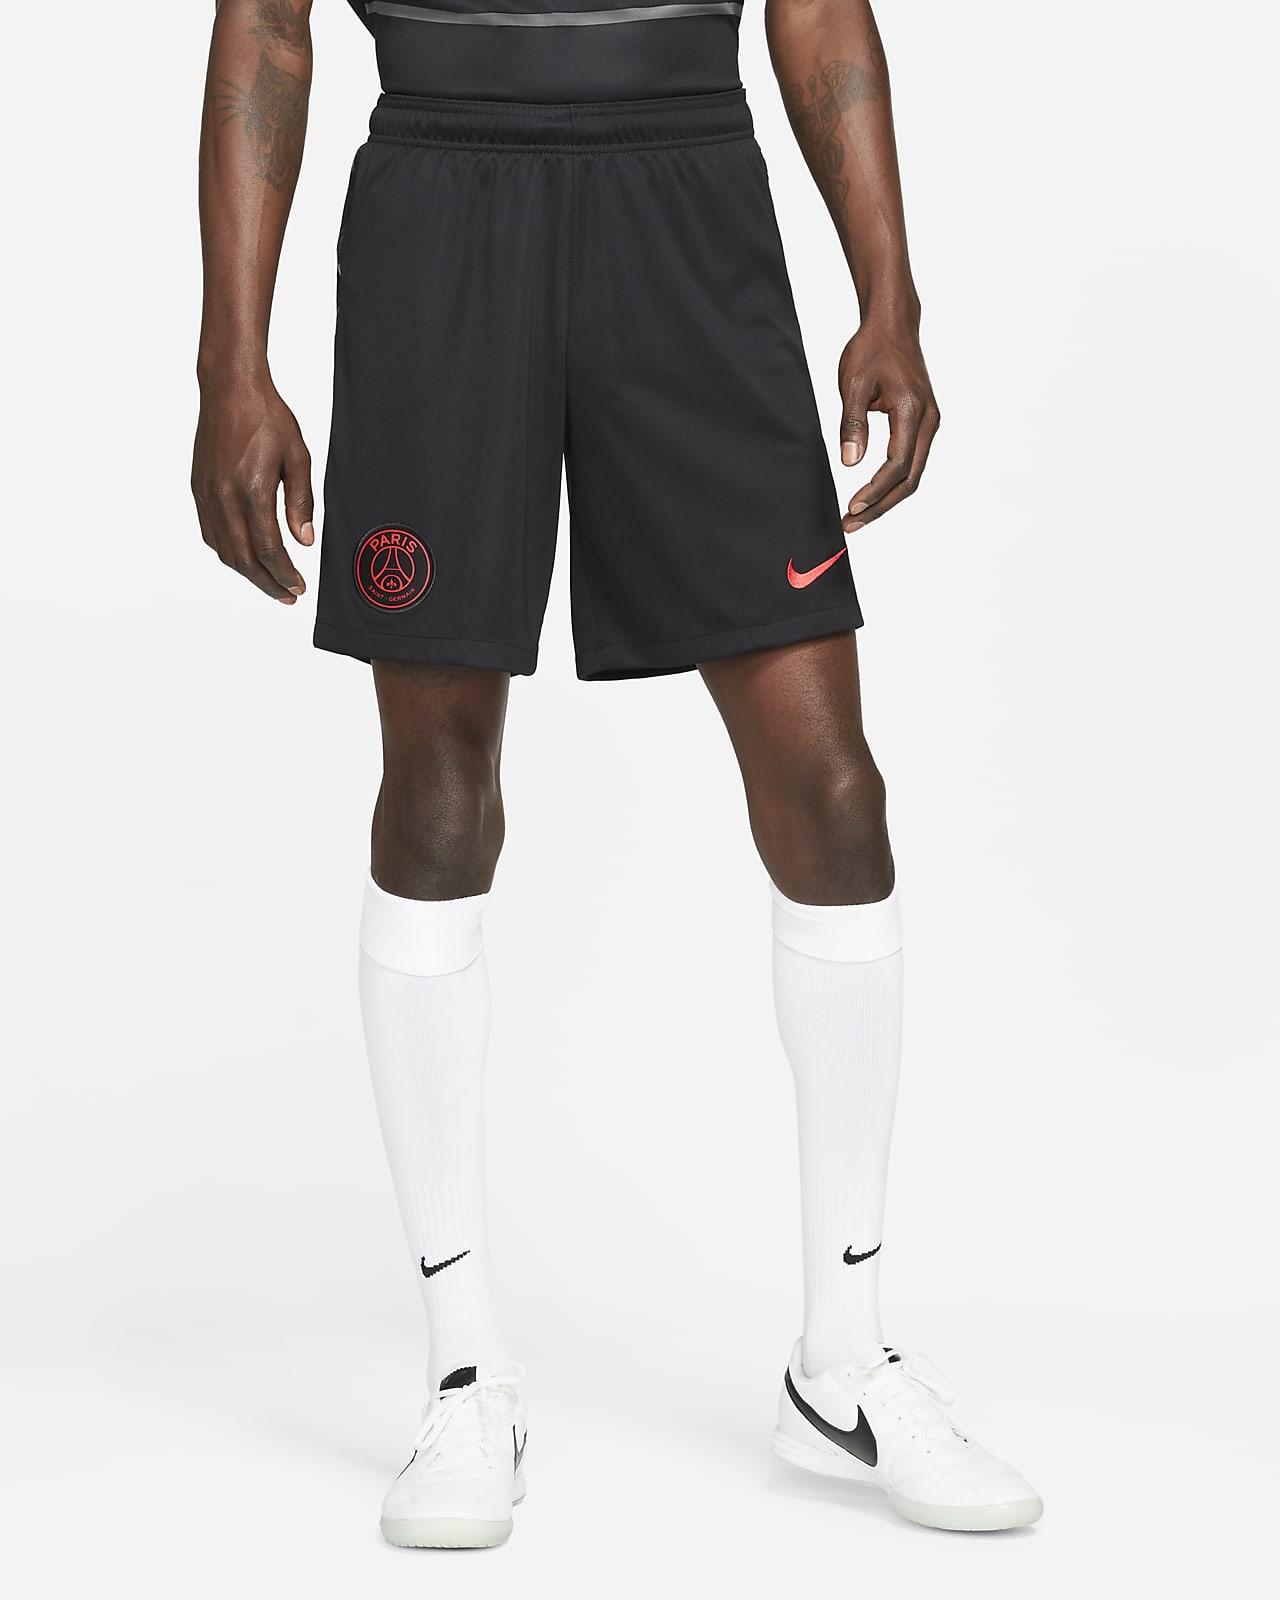 Calções de futebol Nike Dri-FIT do terceiro equipamento Stadium Paris Saint-Germain 2021/22 para homem